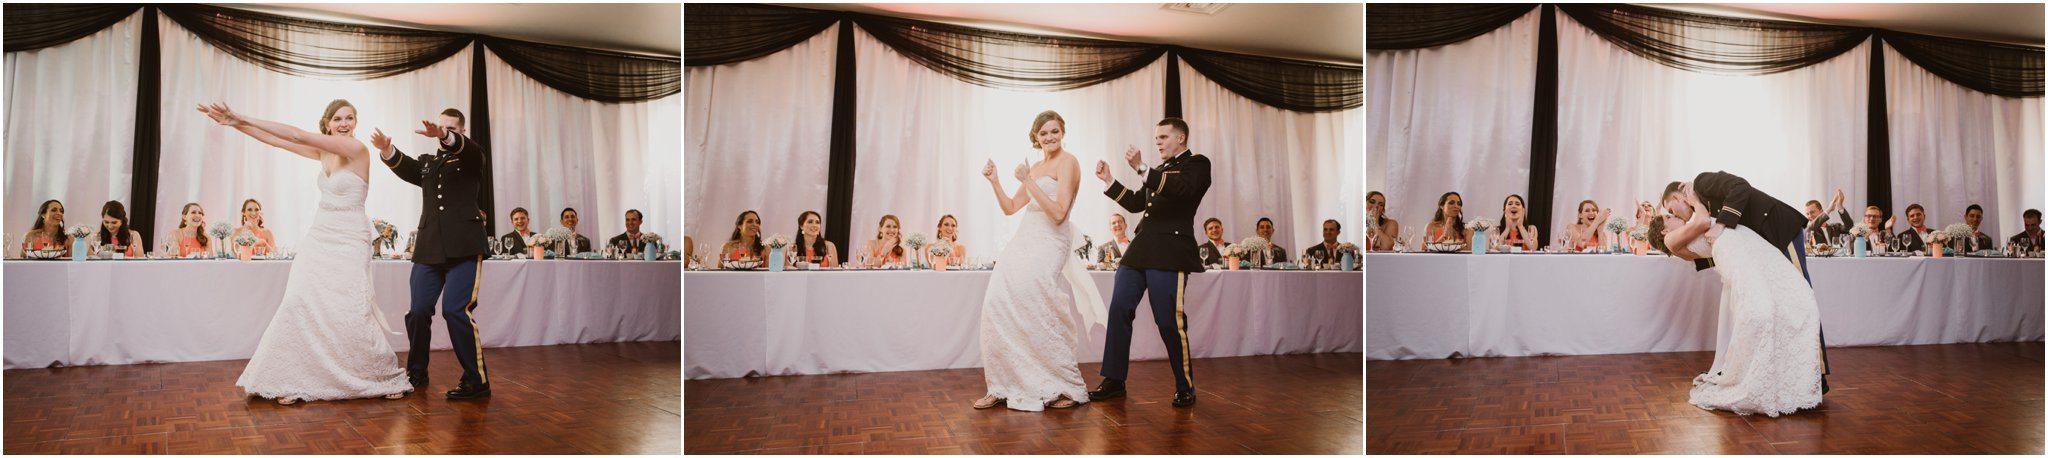 53Blue Rose Photography_ Albuquerque Wedding Photographer_ Santa Fe Wedding Photographers